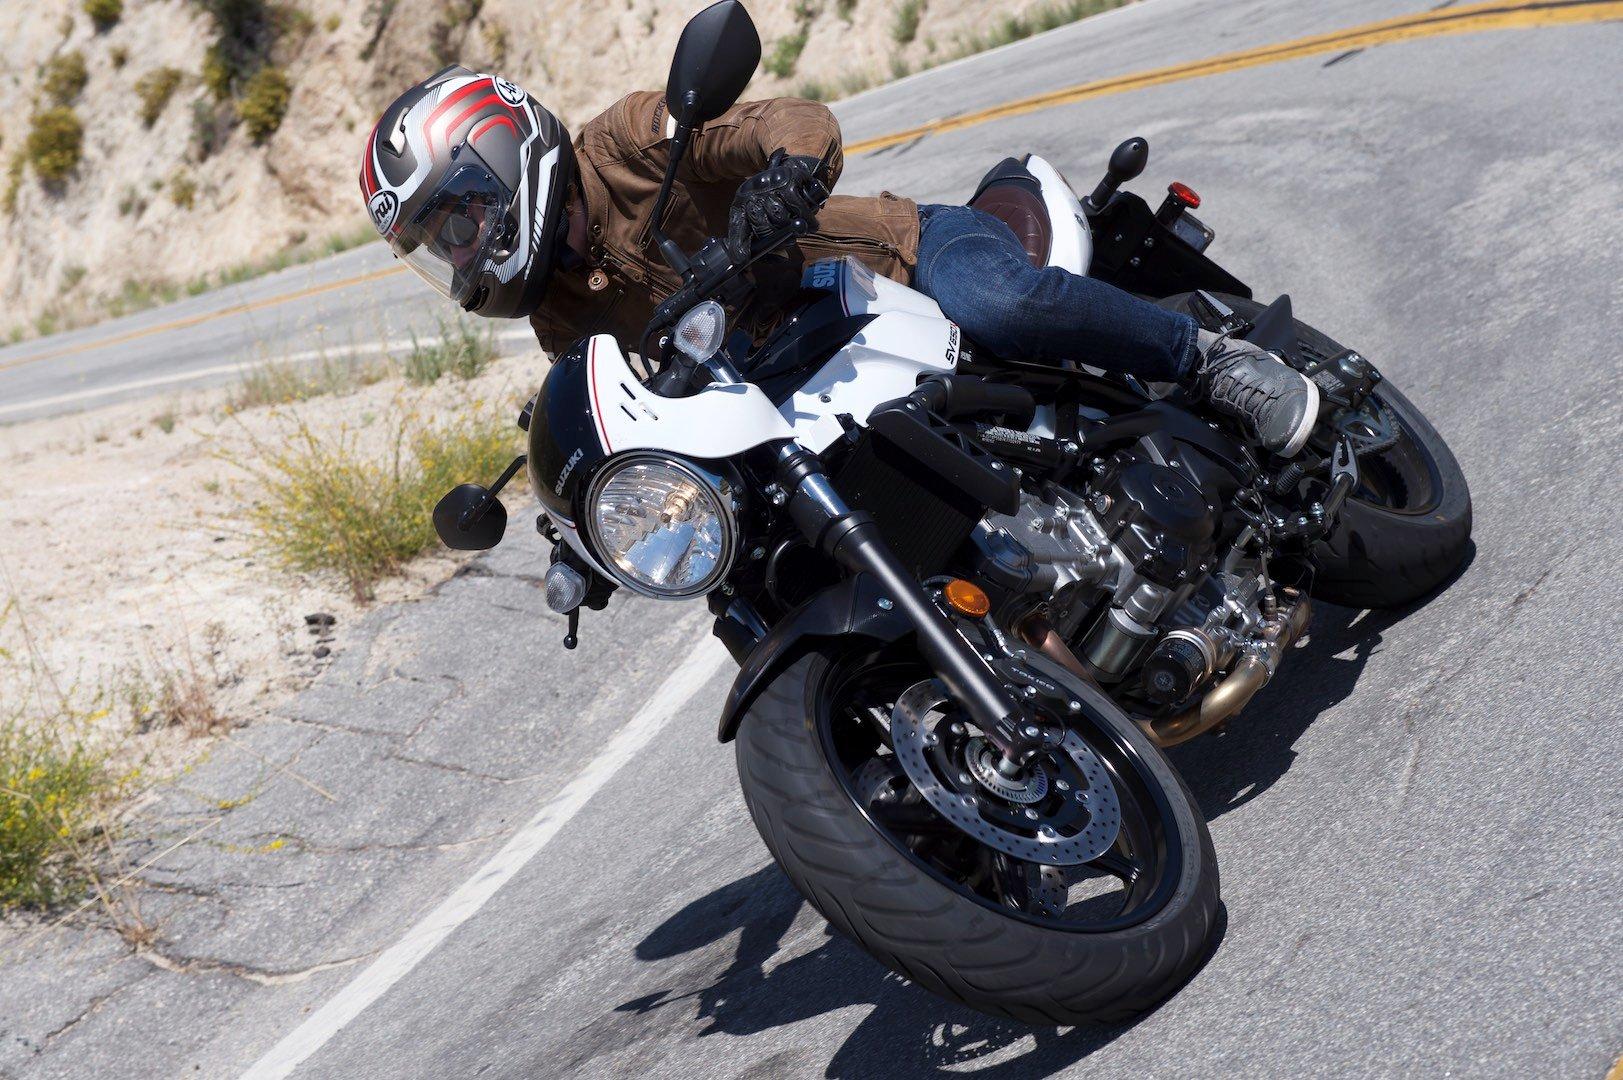 2019 Suzuki SV650X Review - sport motorcycle